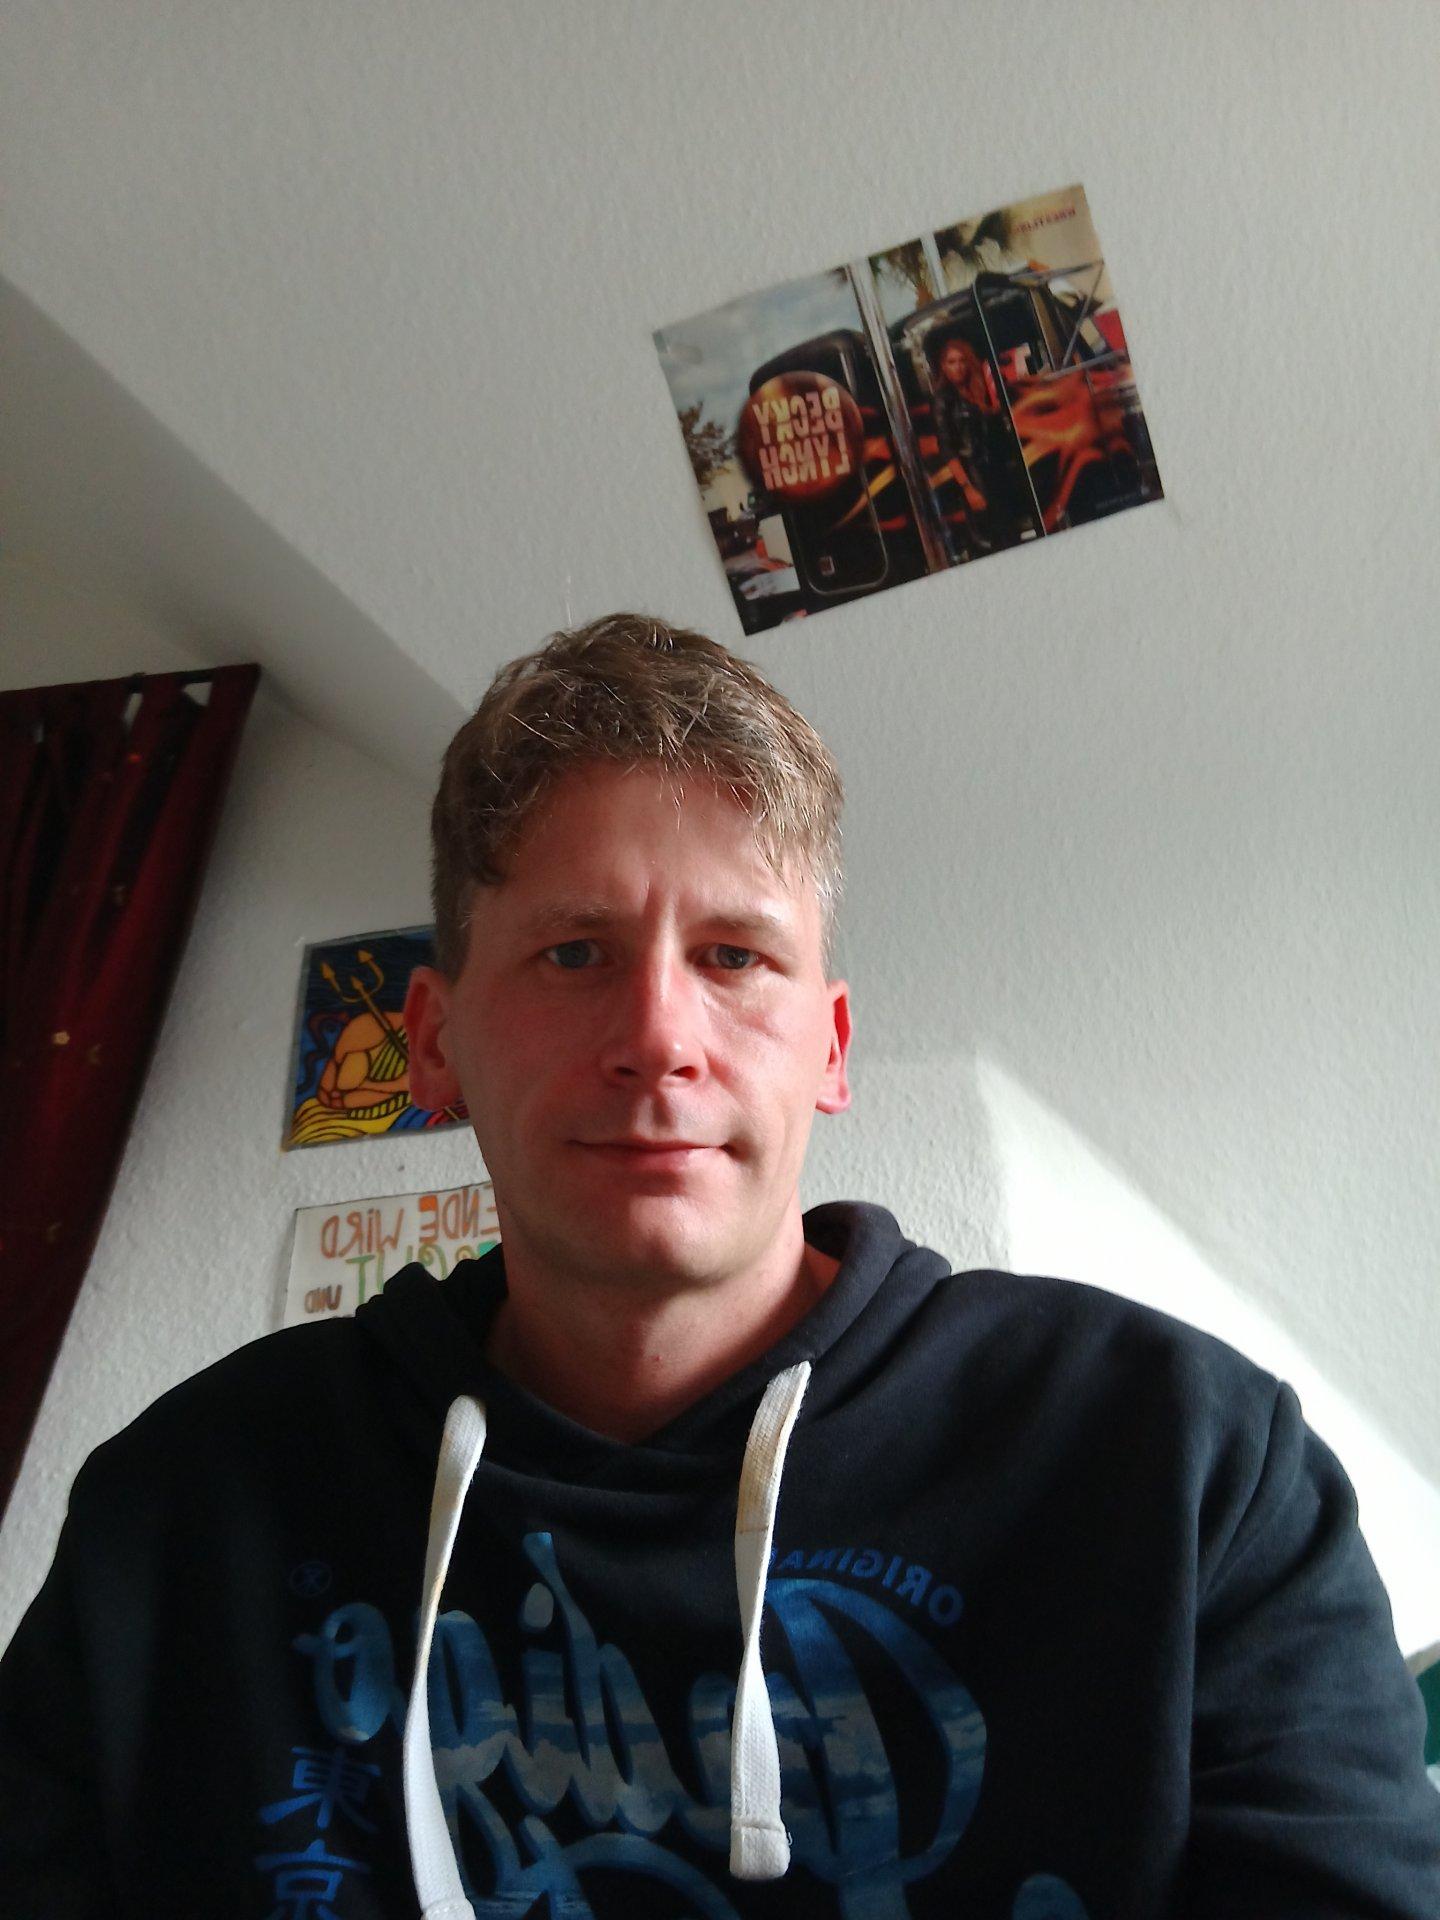 Chris112 aus Hessen,Deutschland